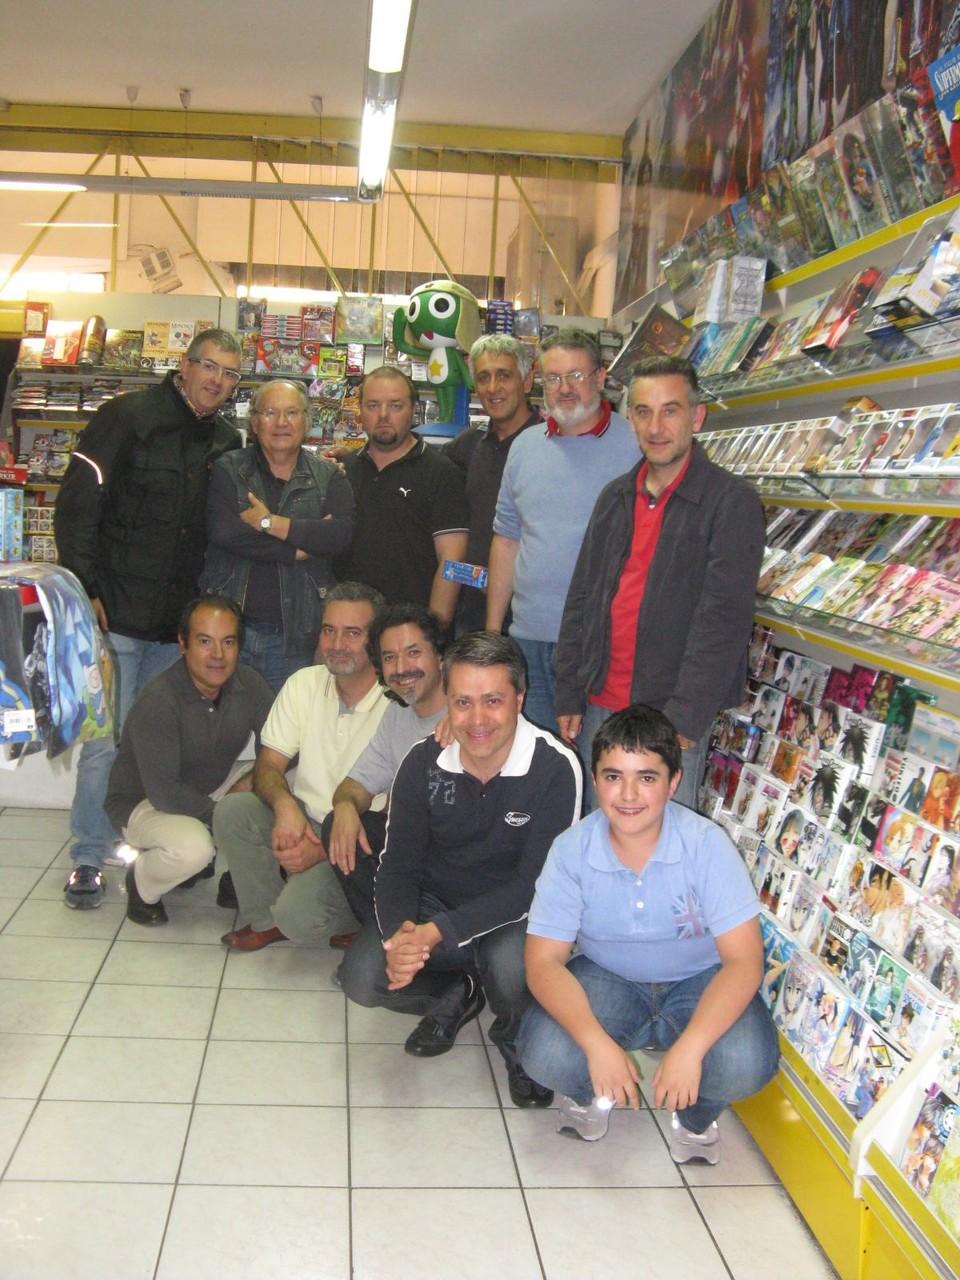 """Foto di gruppo all'interno del negozio """"Fumettopoli""""."""